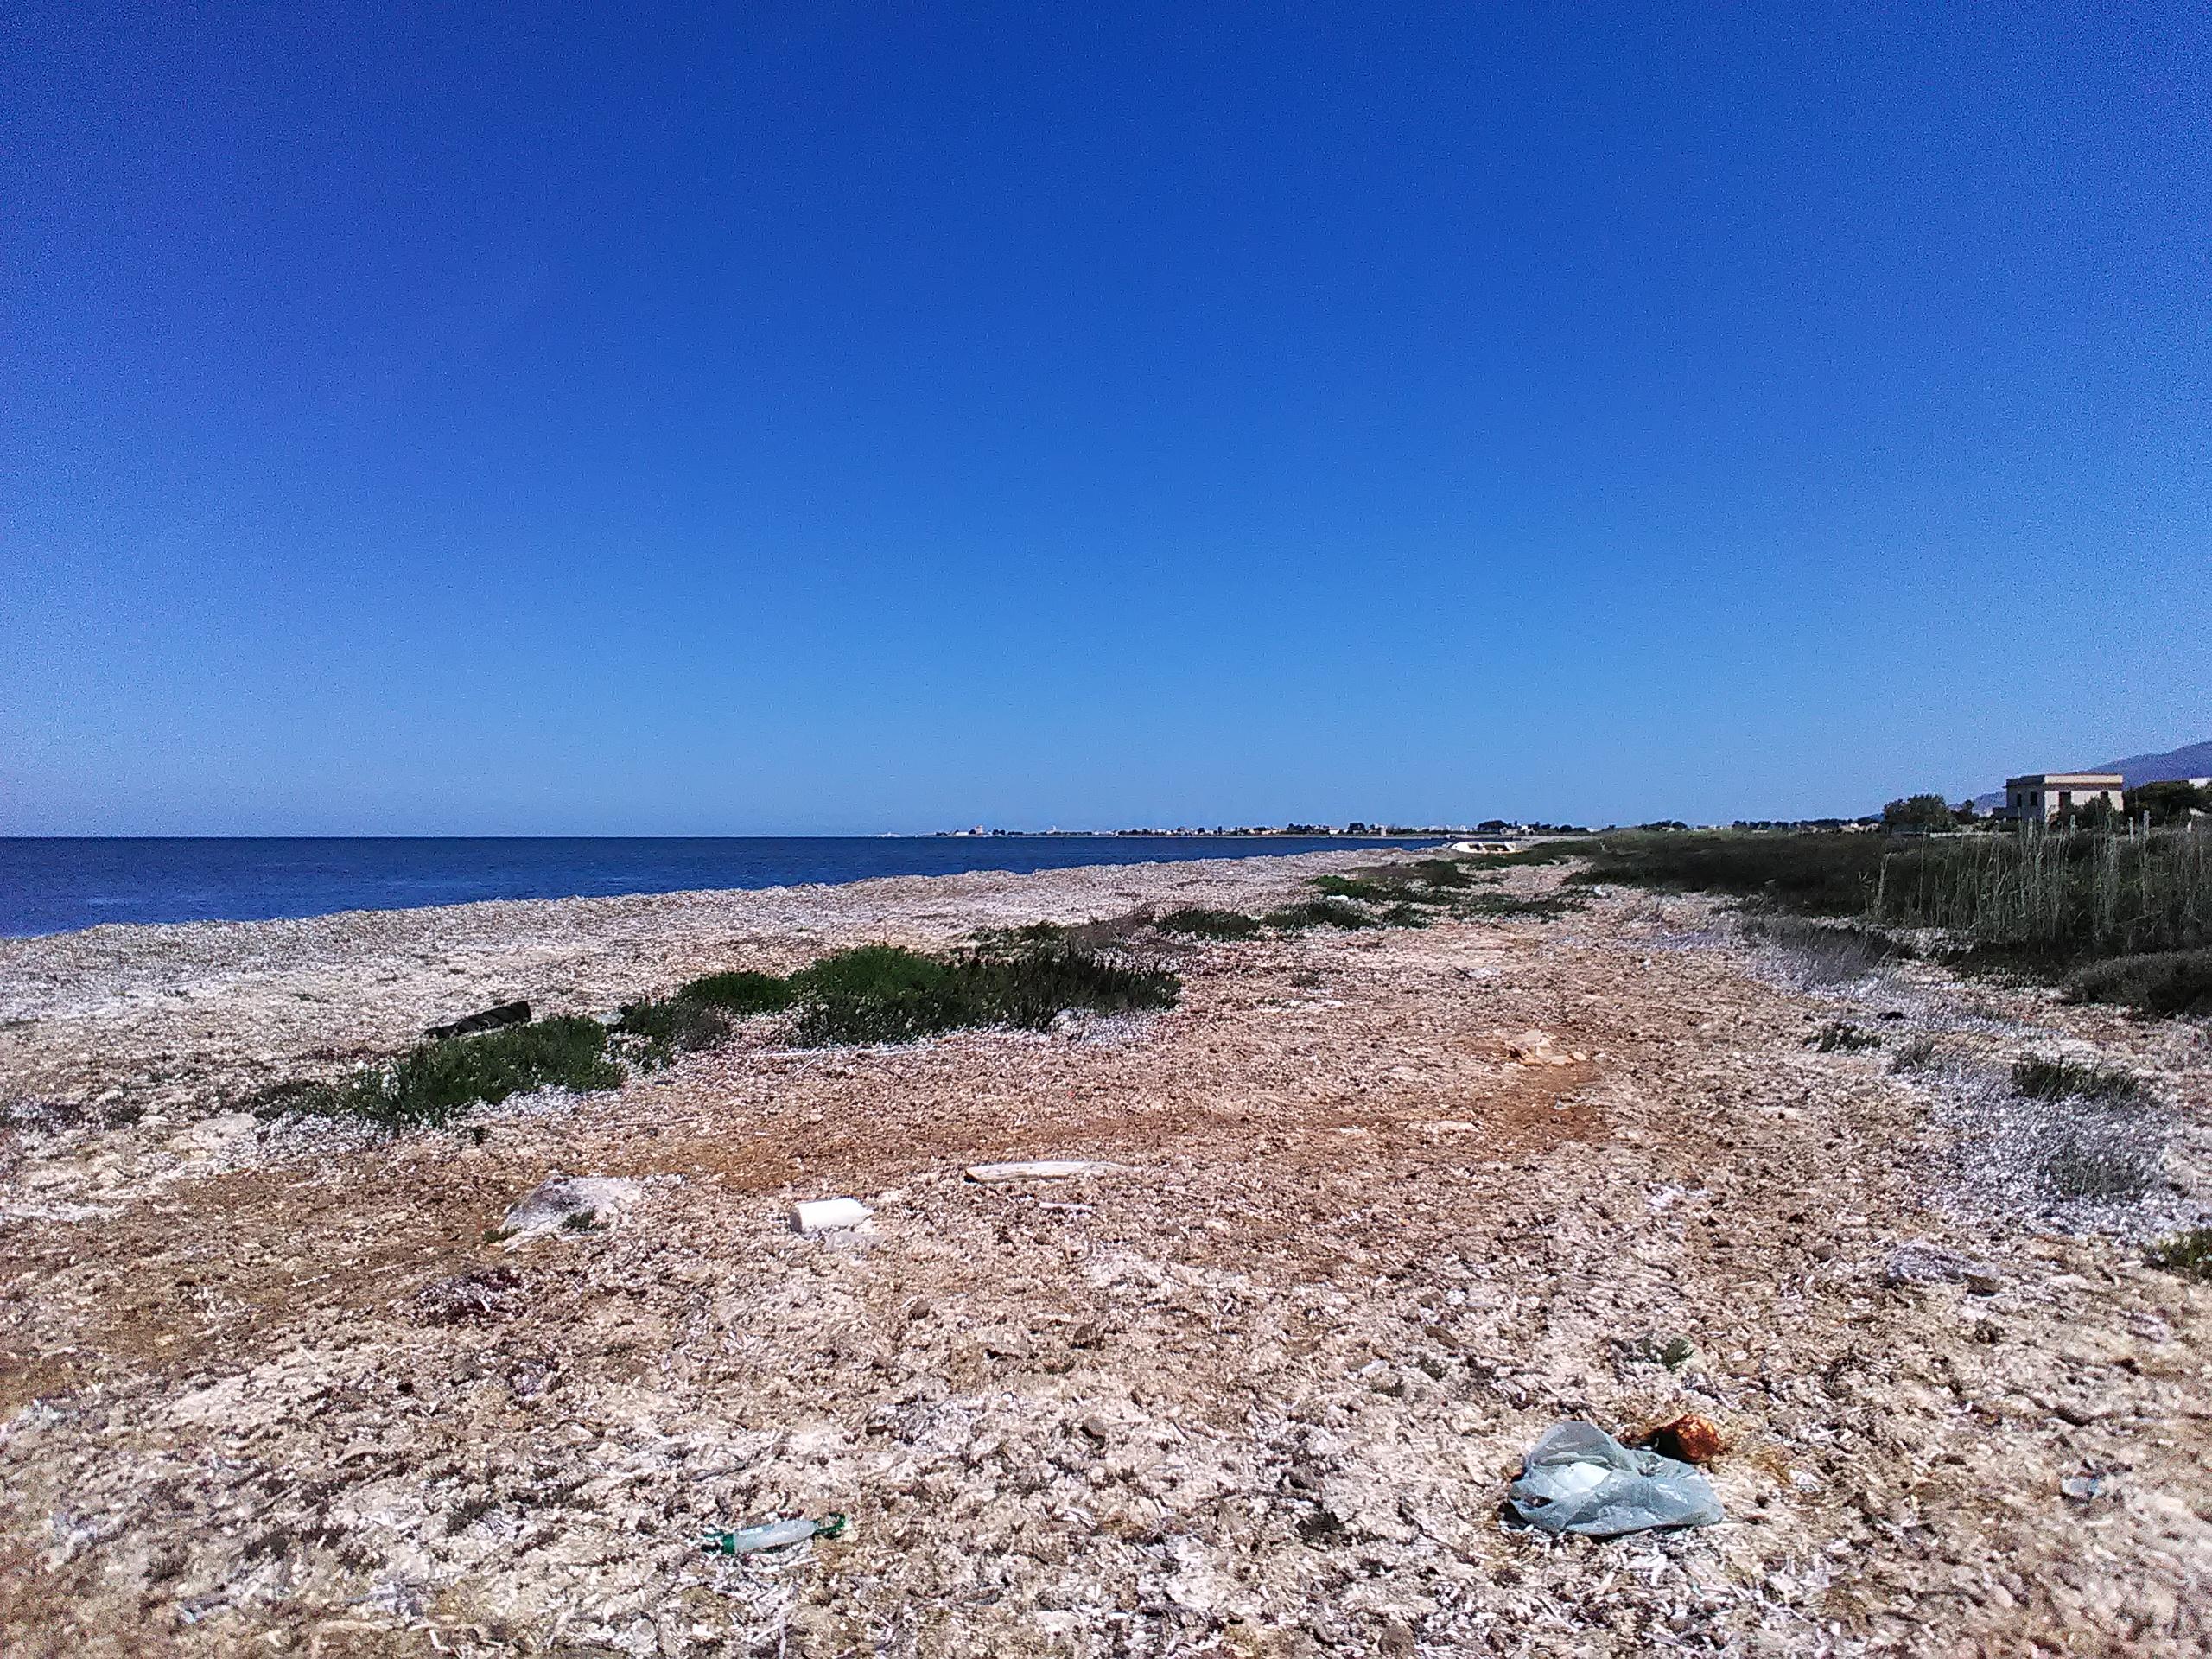 posidonia spiaggiata sulla costa tra Nubia e Salinagrande